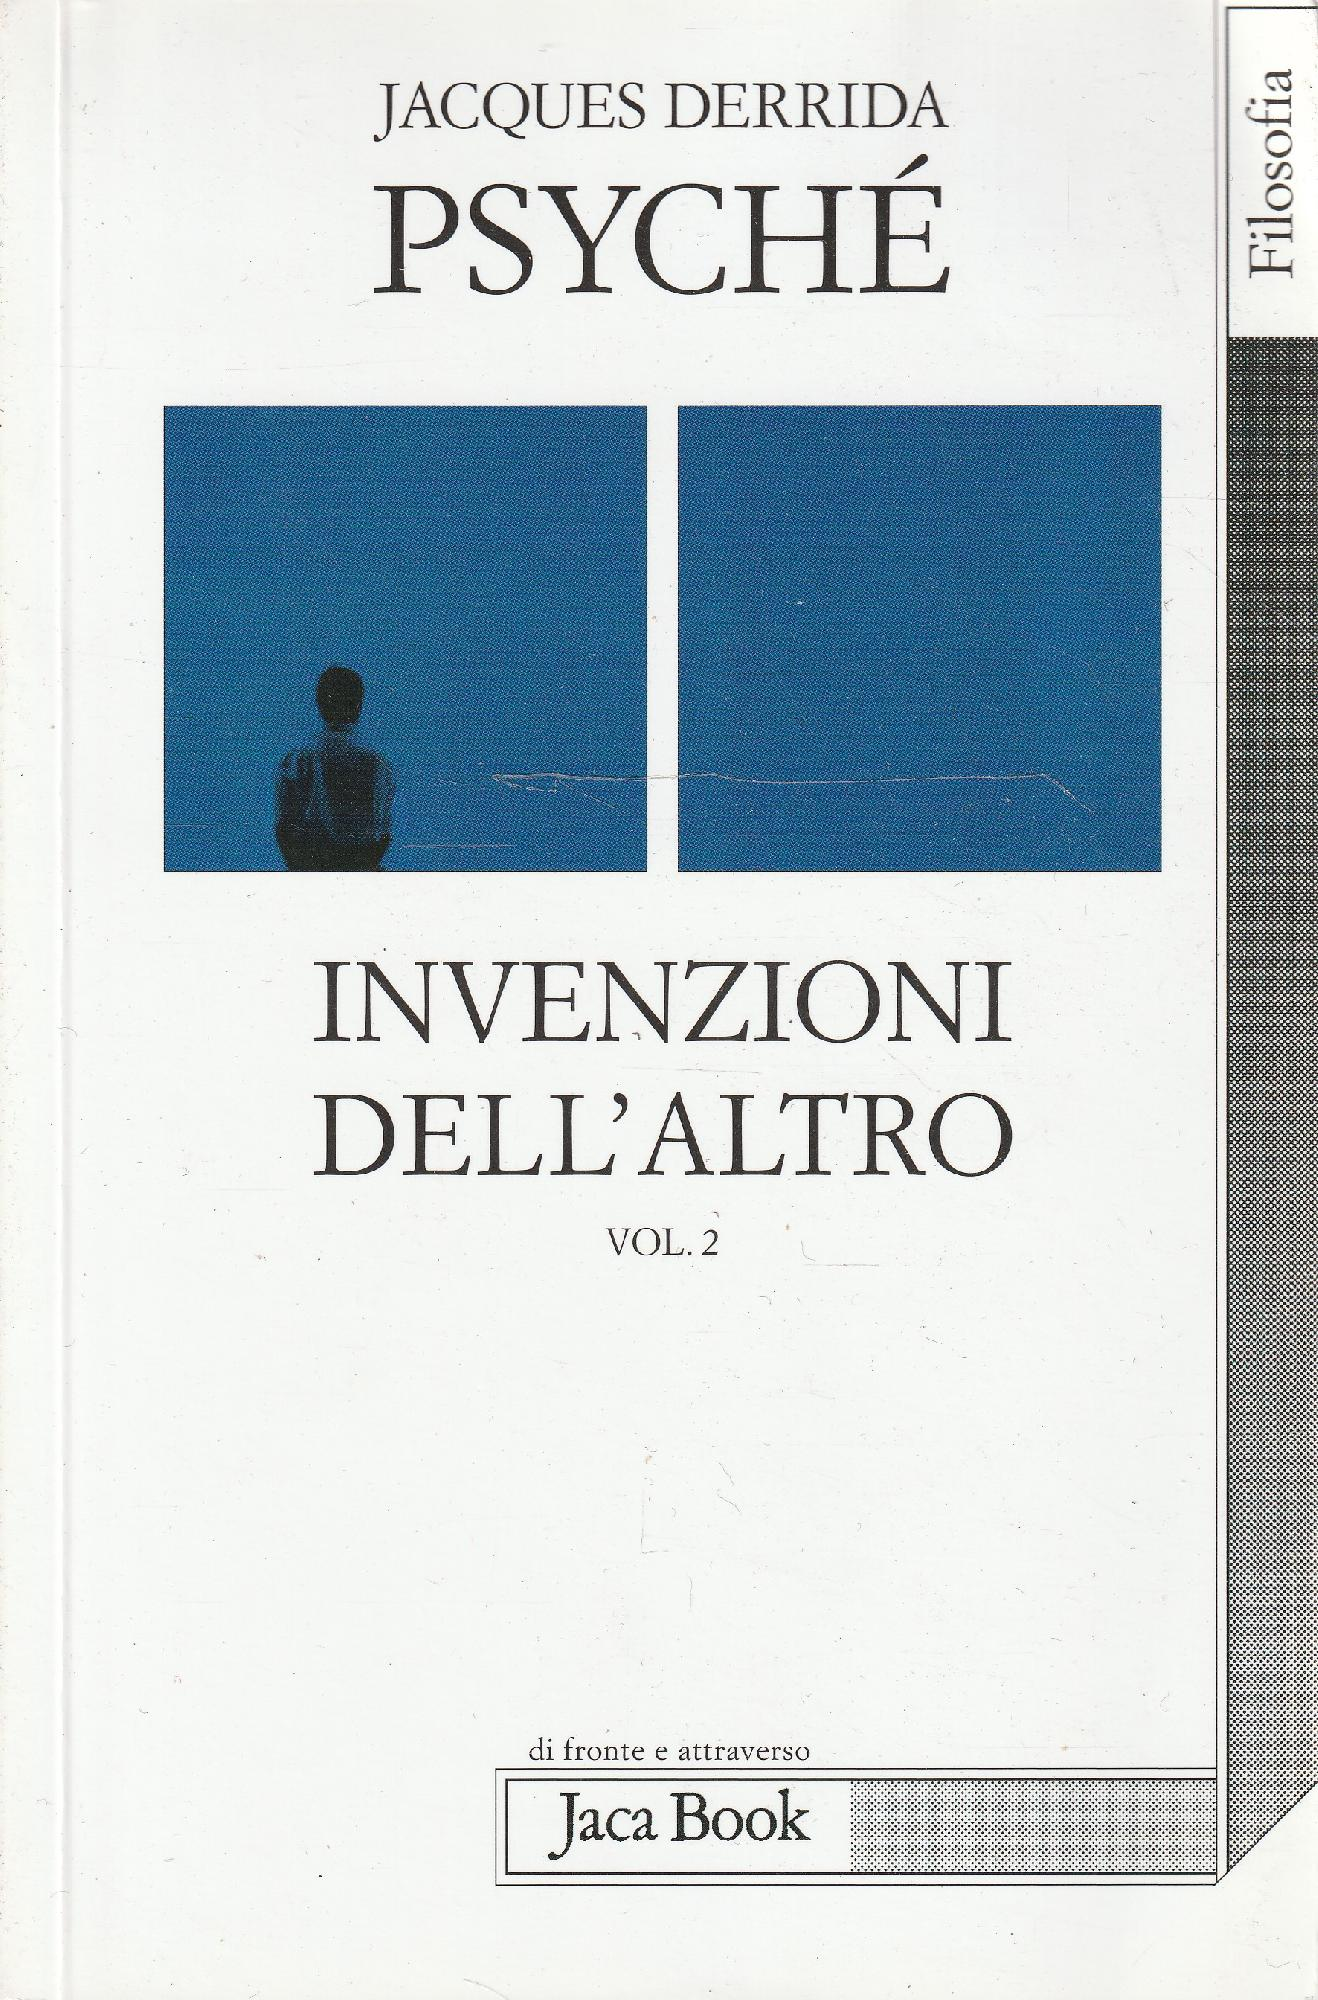 Psyché: invenzioni dell'altro Vol. 2 - J. DERRIDA